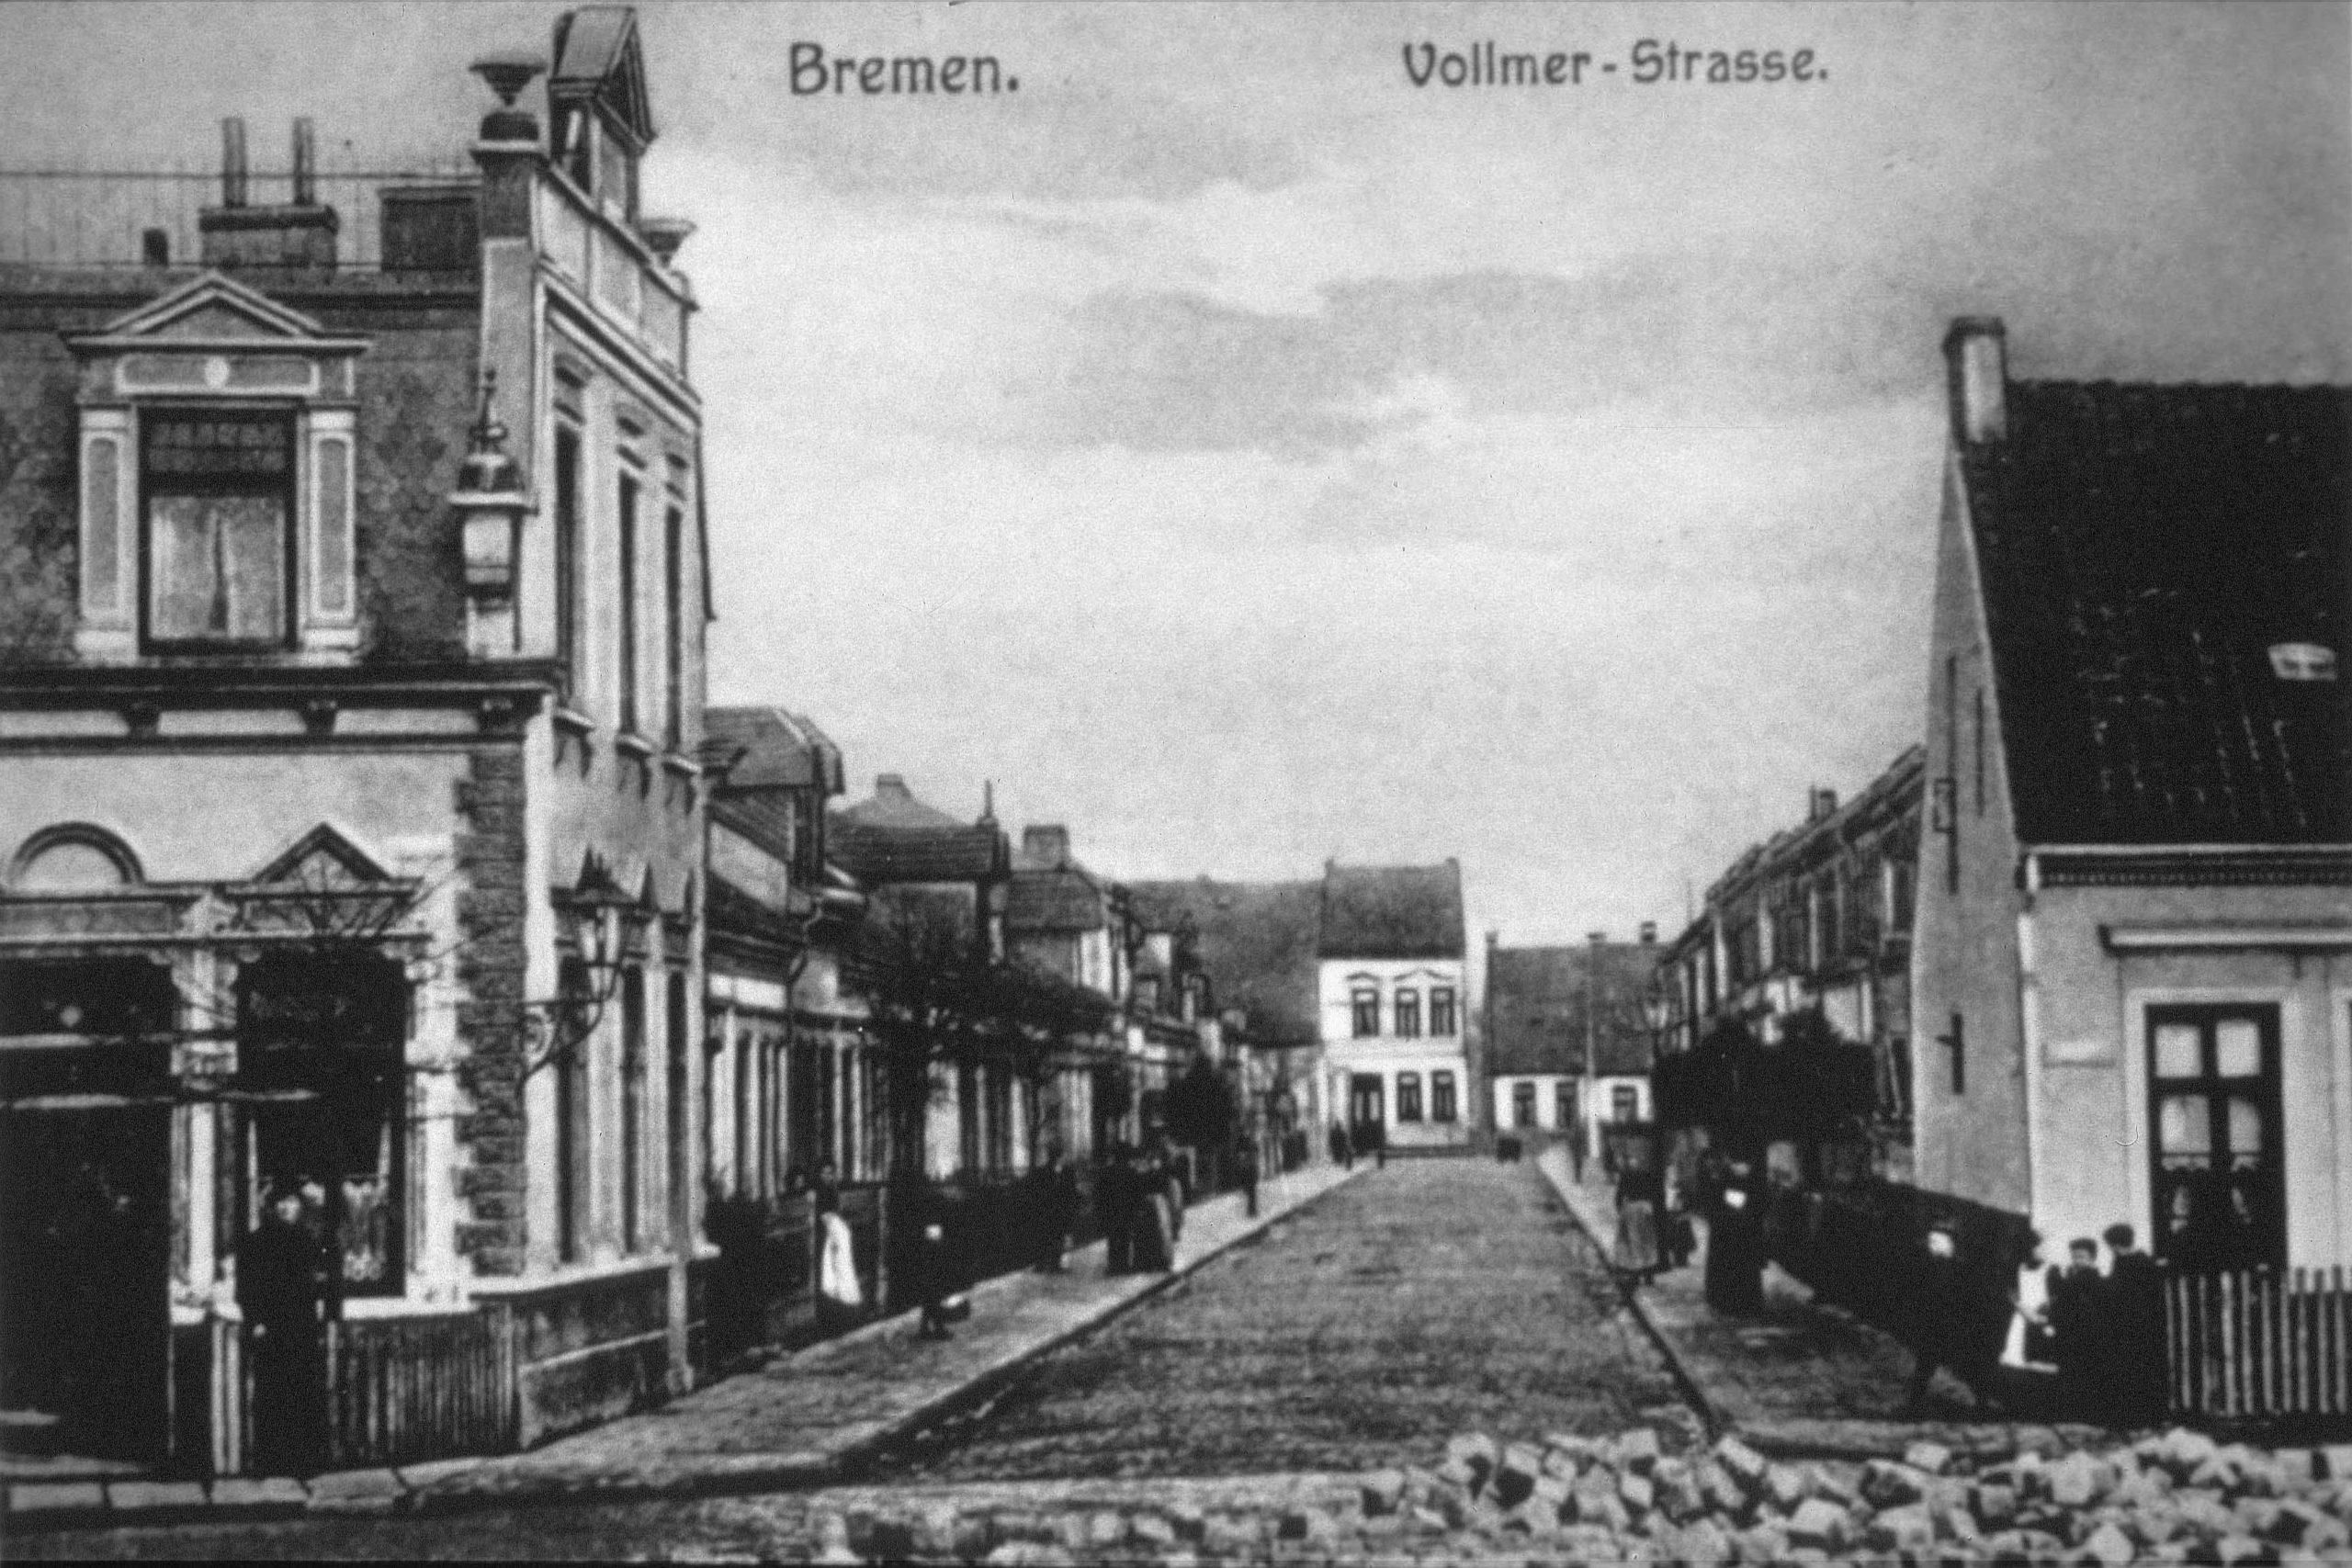 Vollmer-Strasse vor 100 Jahren